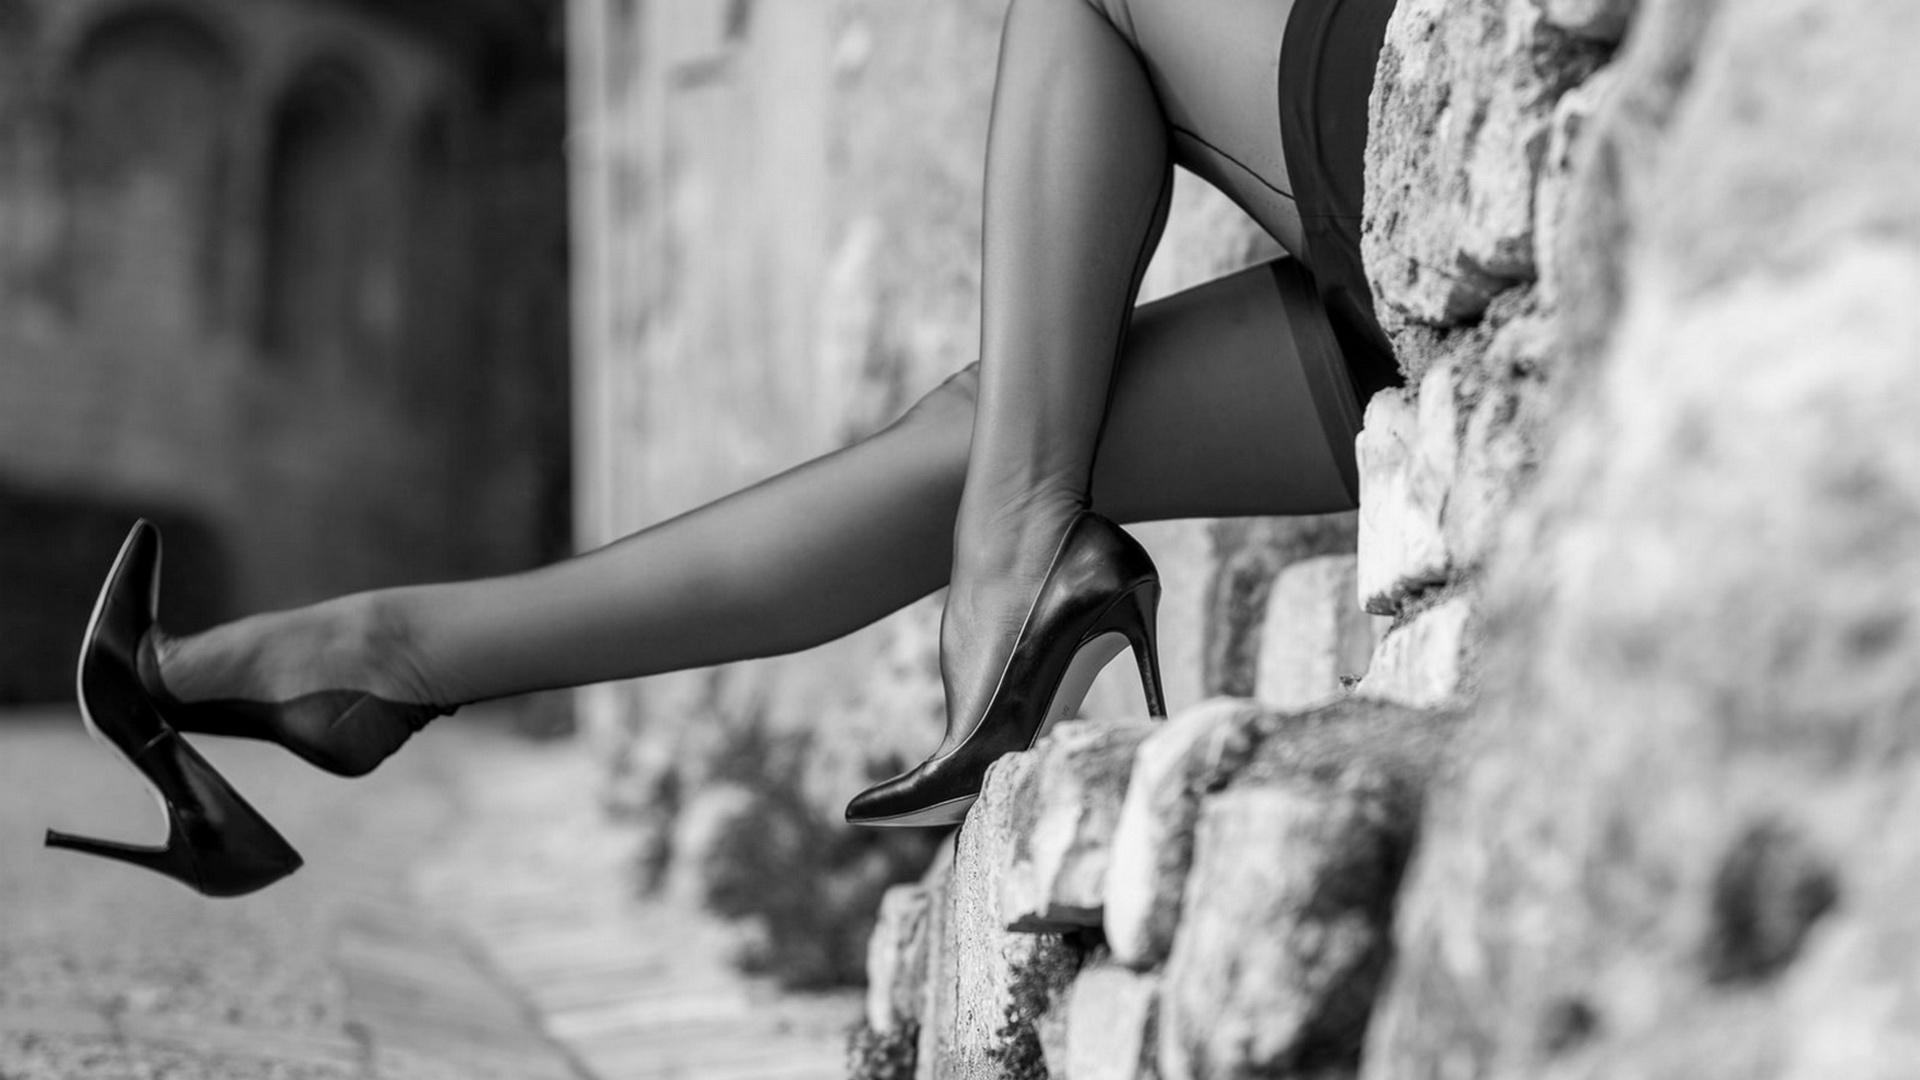 Хочу пышные ноги, Худые ноги как сделать толще? 28 фотография